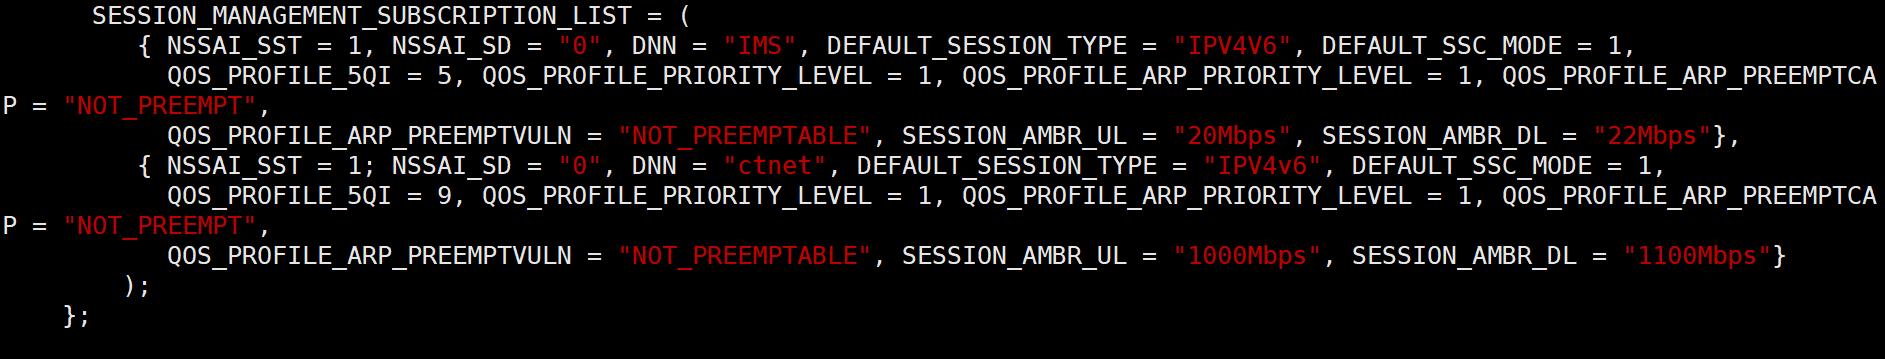 docs/images/virtual-machine/cots-ue/bupt/session_management_list.png